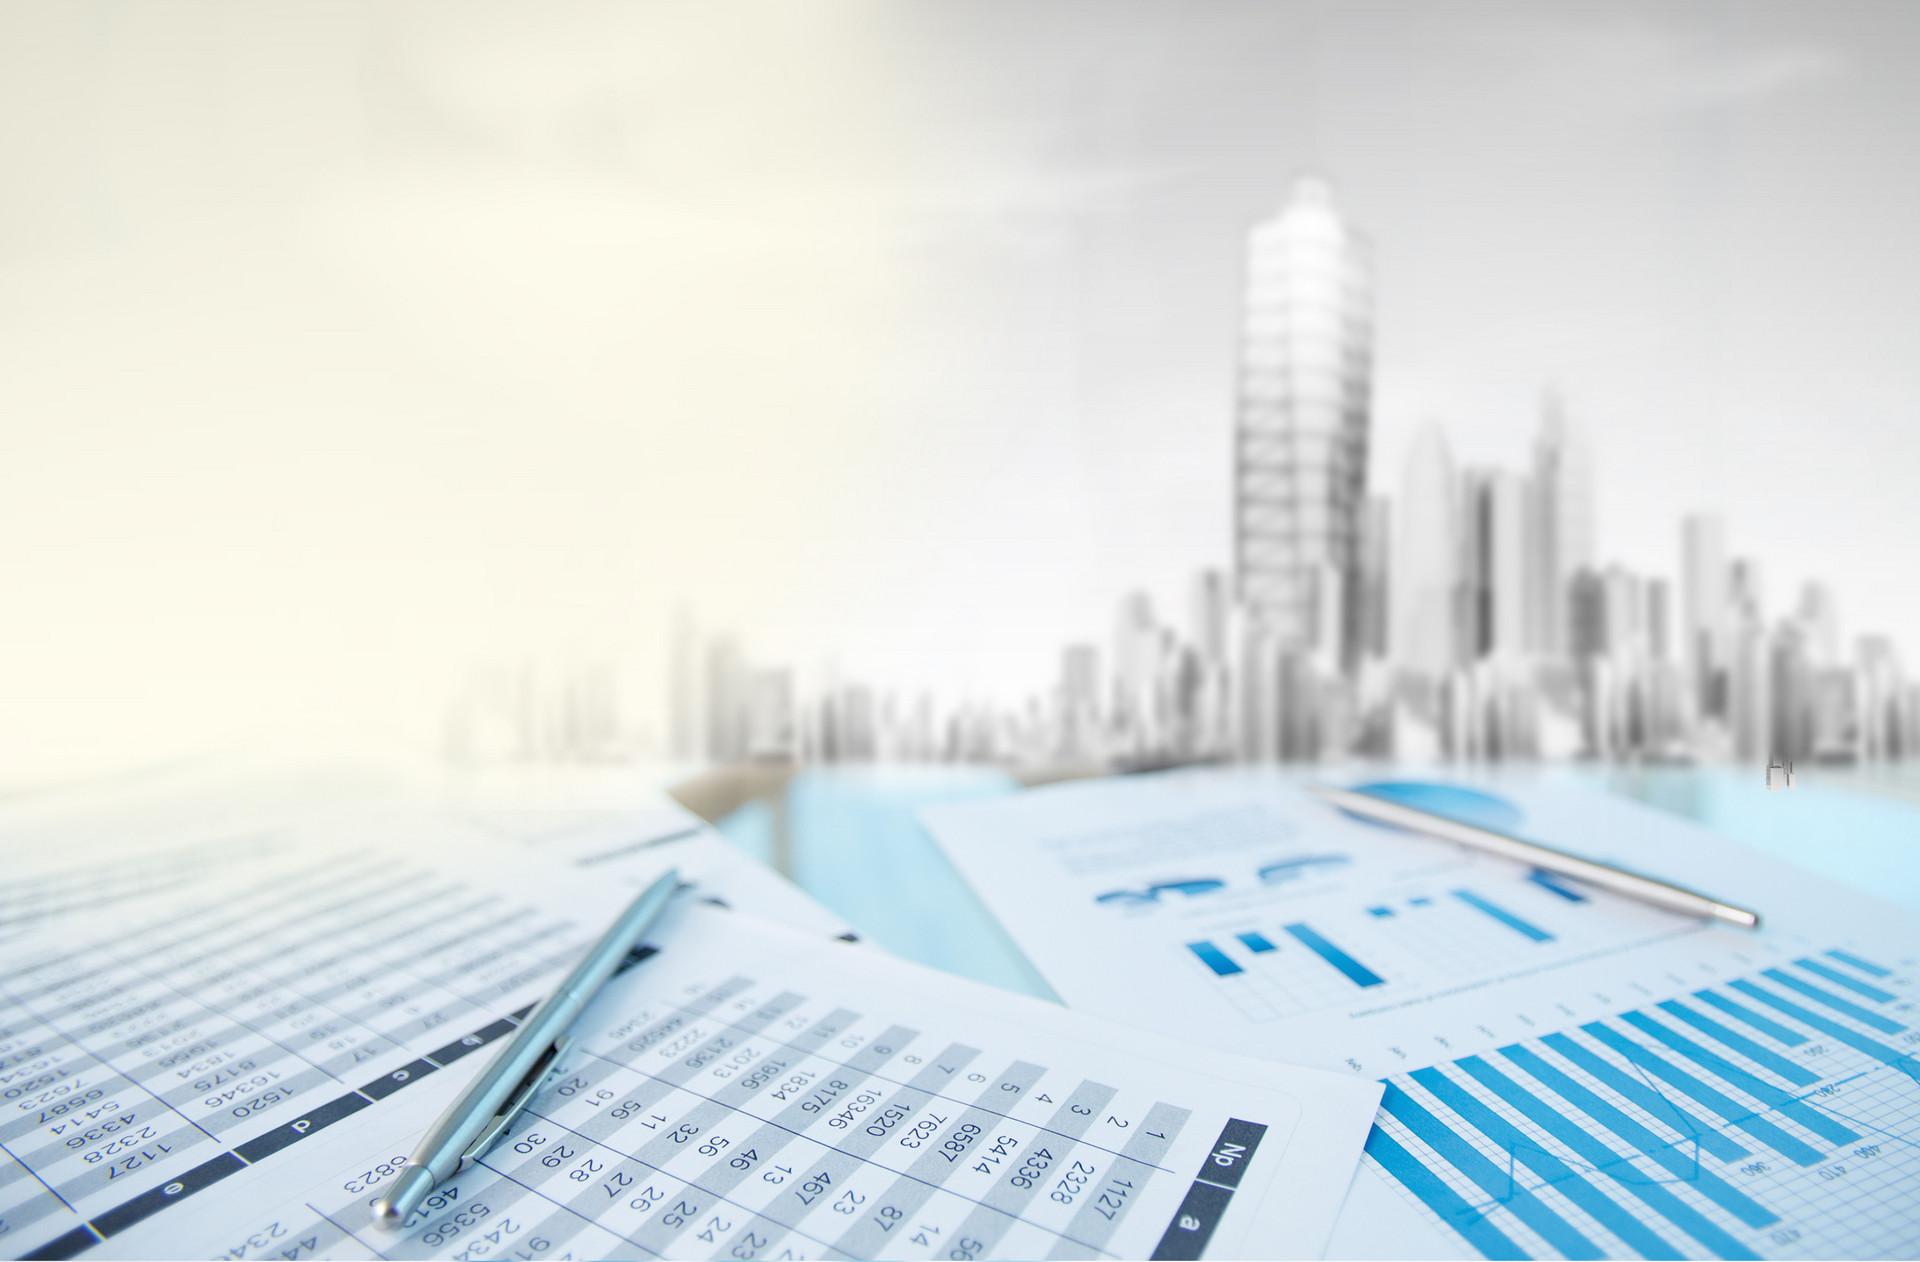 全国股转公司修改重组业务指南 进一步规范超200人公司重大资产重组业务